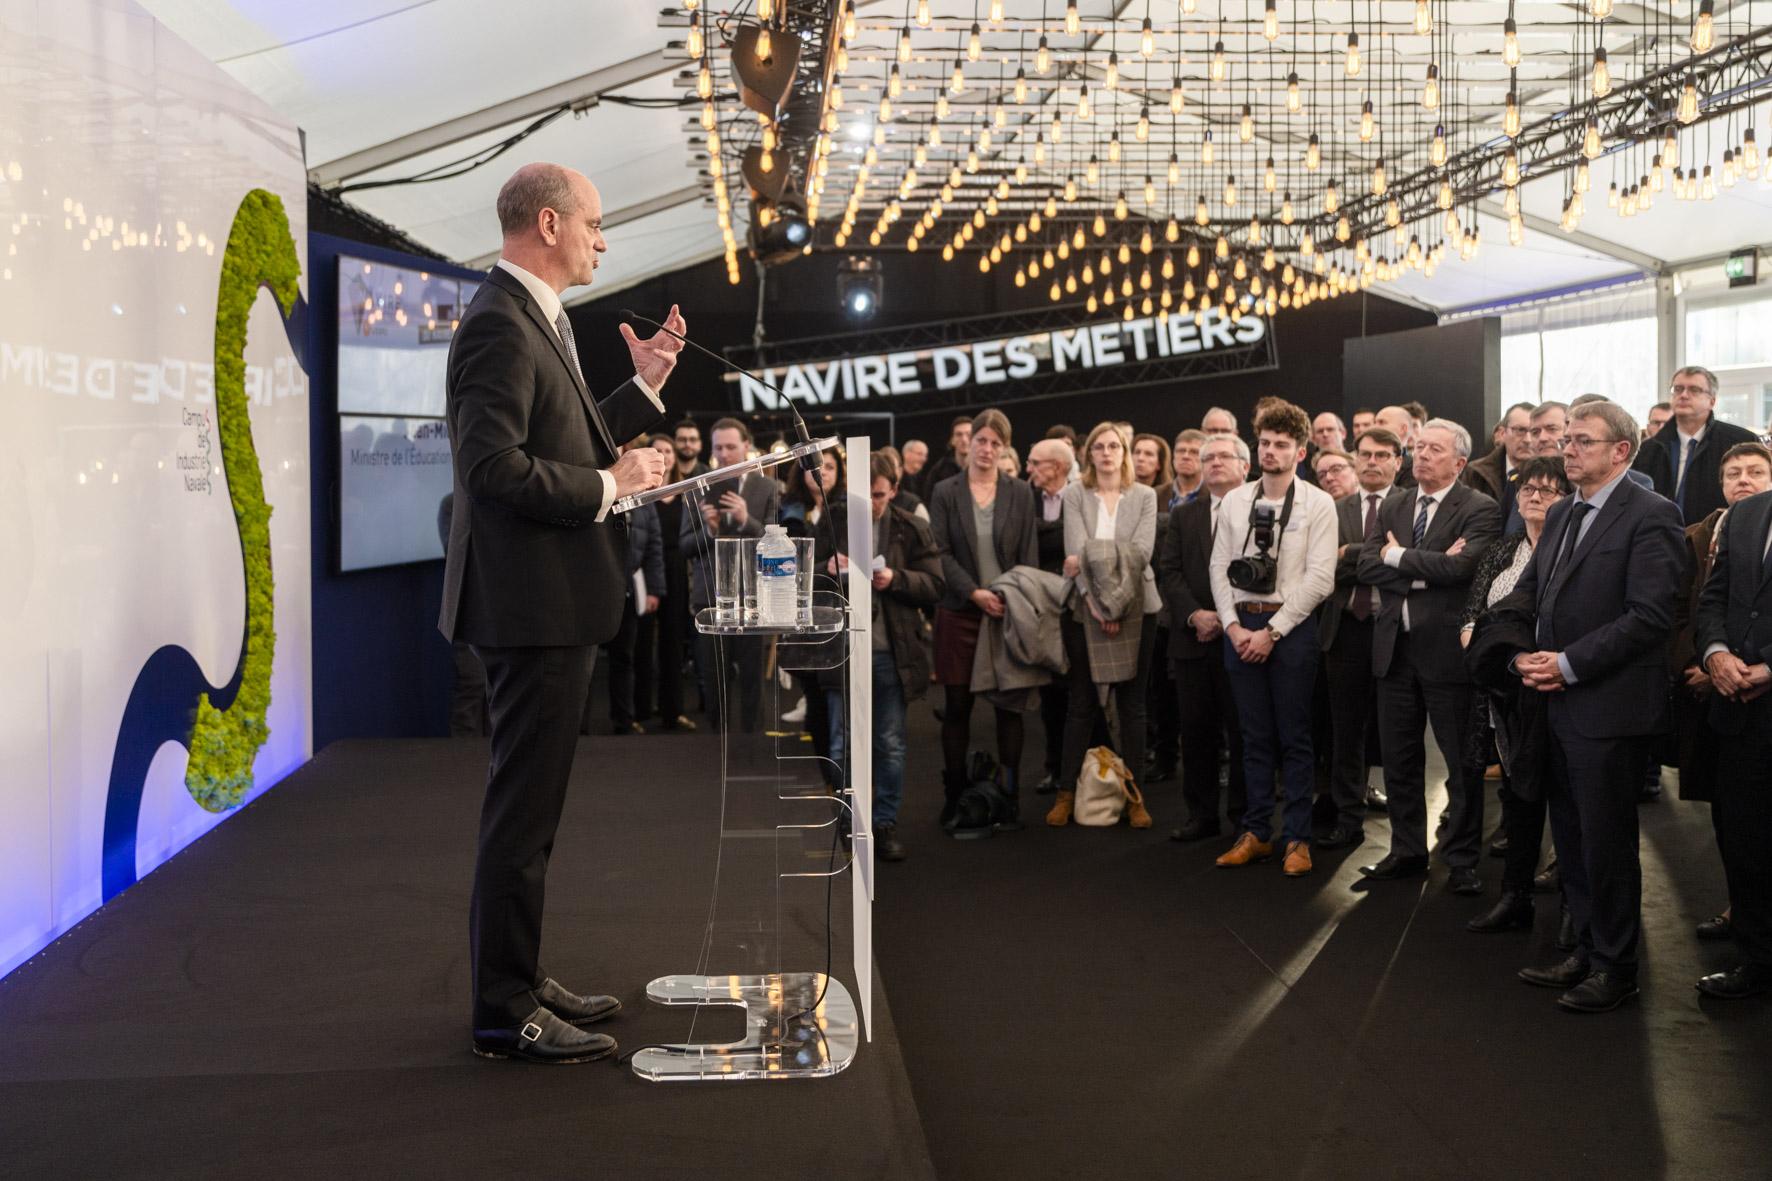 Capucins : Inauguration du bâtiment Totem du Campus des Industries Navales : « Navire des Métiers, l'expo »